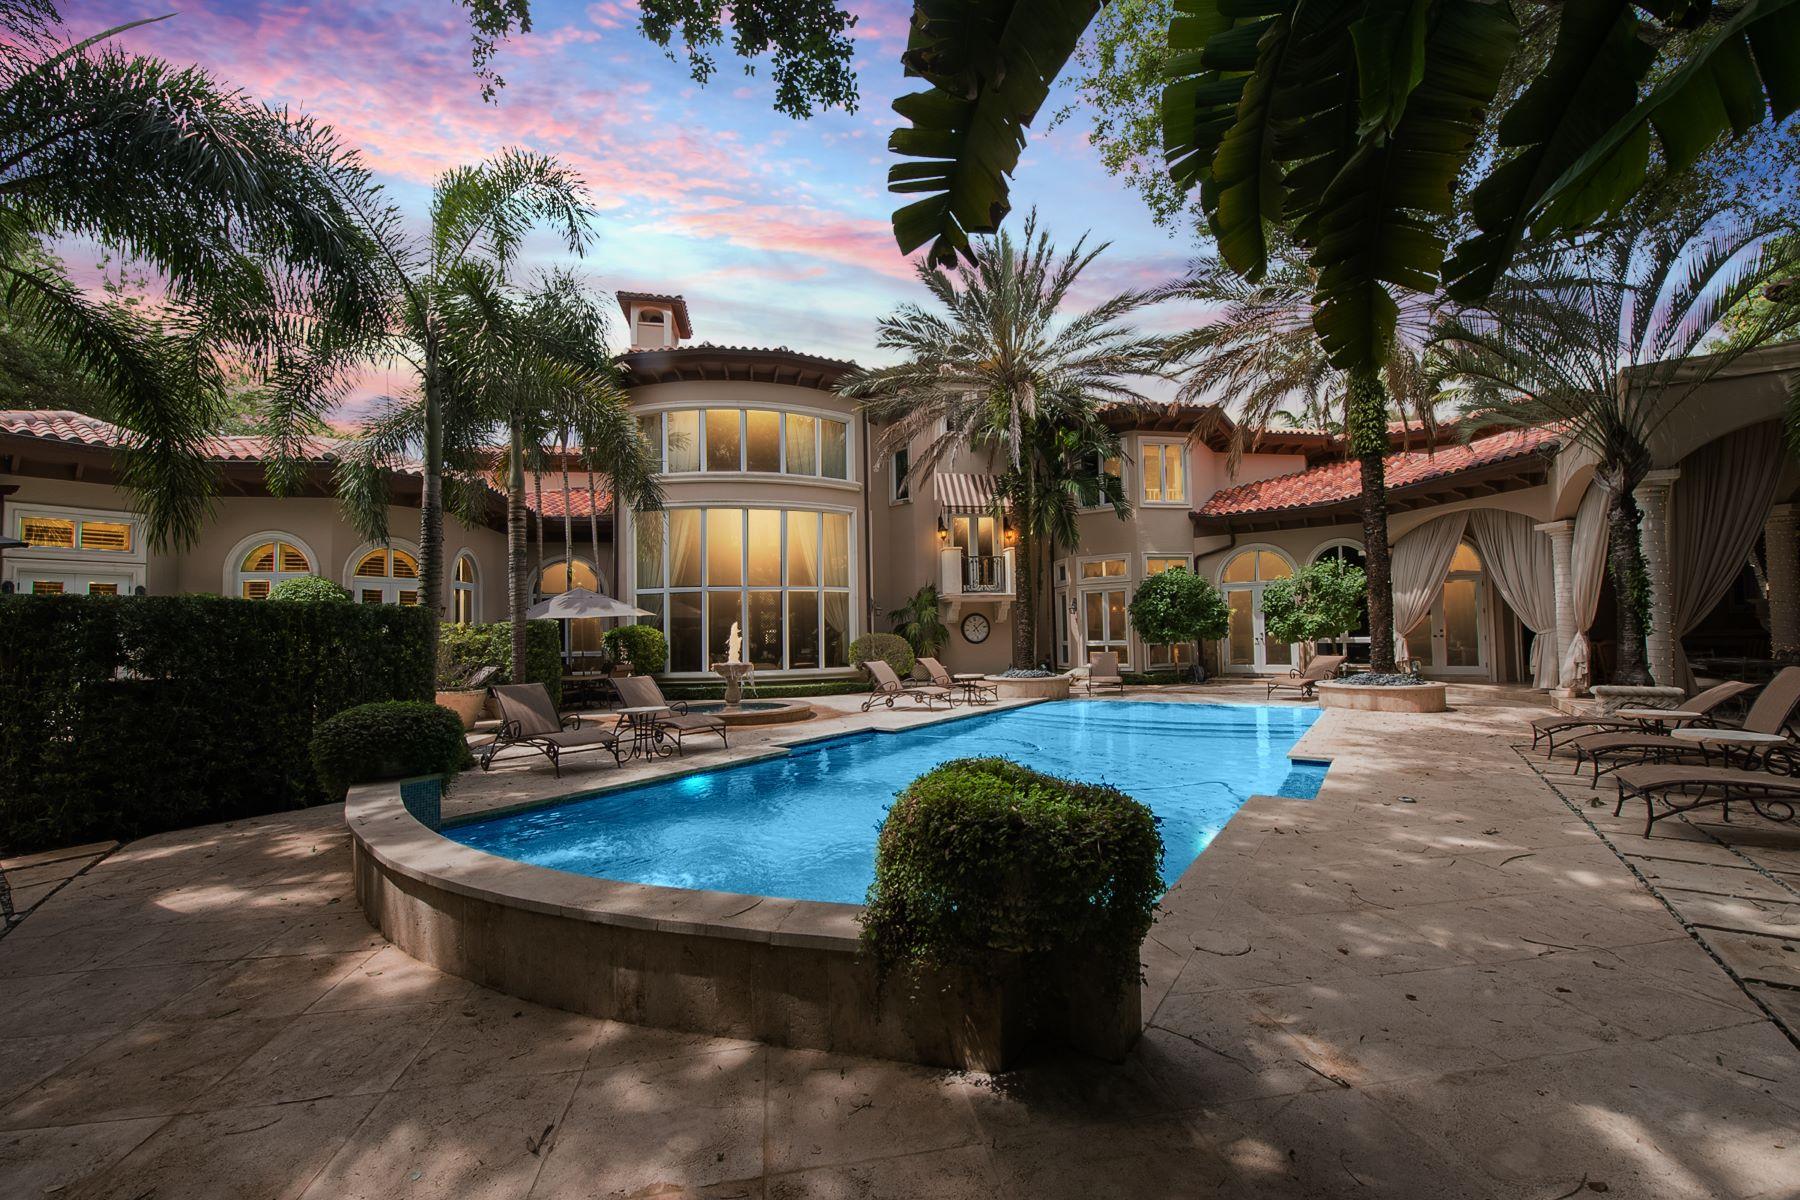 단독 가정 주택 용 매매 에 10801 Sw 69th Ave Miami, 플로리다, 33156 미국